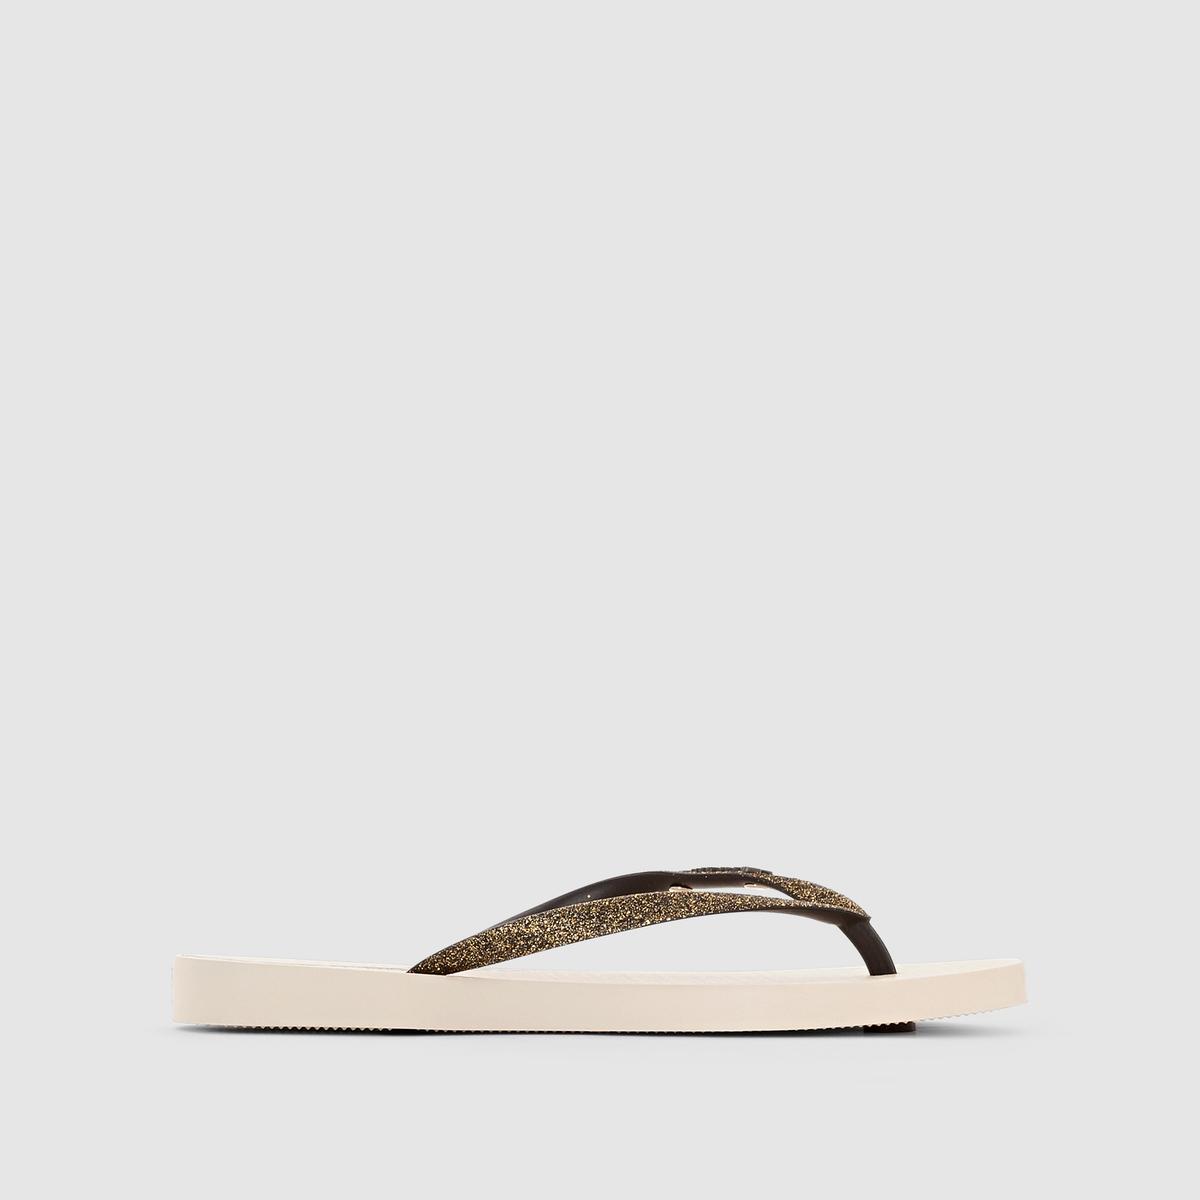 Вьетнамки Lolita III FemВерх/Голенище : каучук   Стелька : каучук   Подошва : каучук   Форма каблука : плоский каблук   Мысок : открытый мысок   Застежка : без застежки<br><br>Цвет: бежевый/ черный<br>Размер: 38